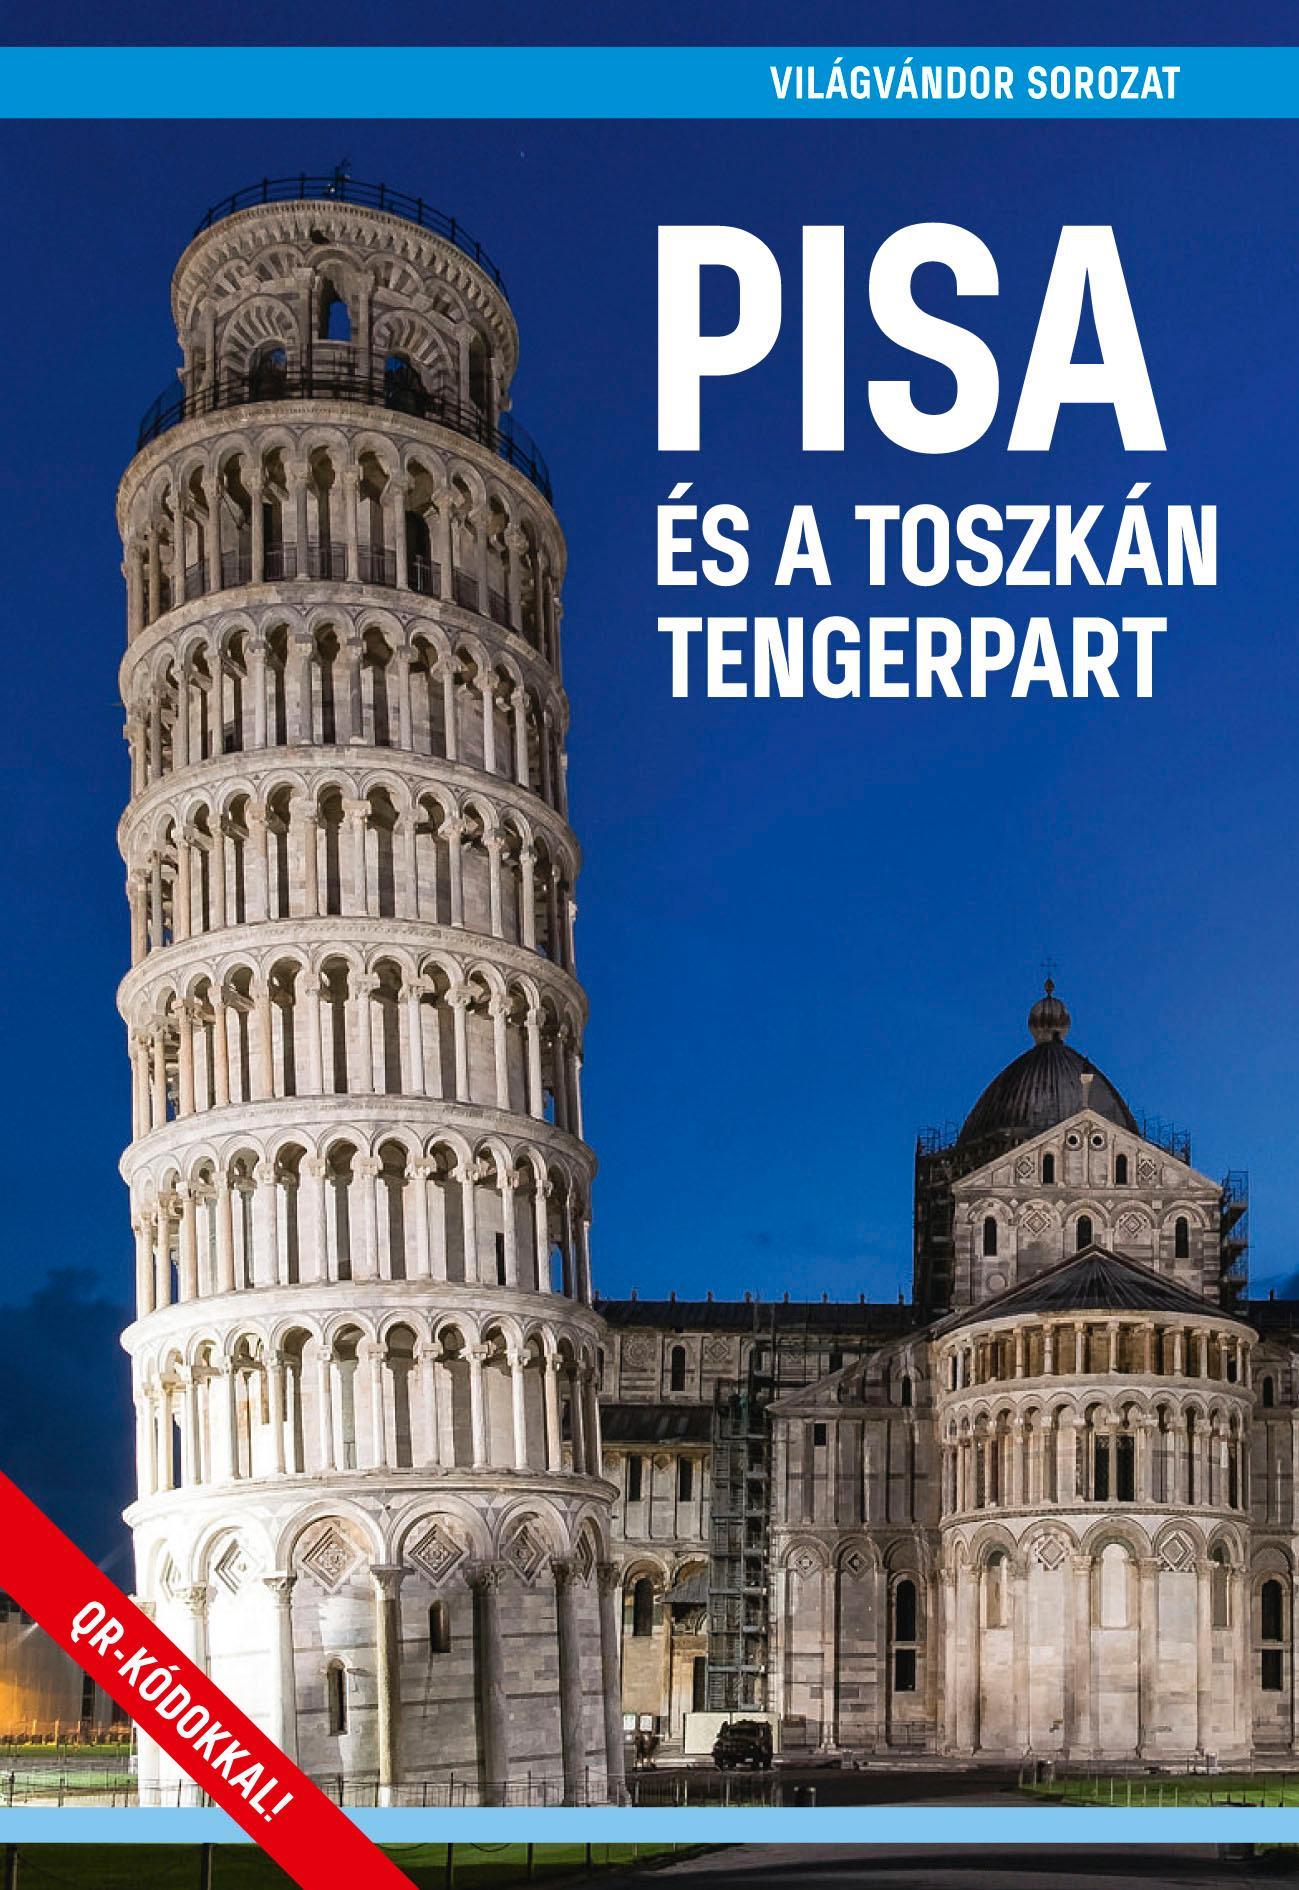 PISA ÉS A TOSZKÁN TENGERPART - VILÁGVÁNDOR SOROZAT